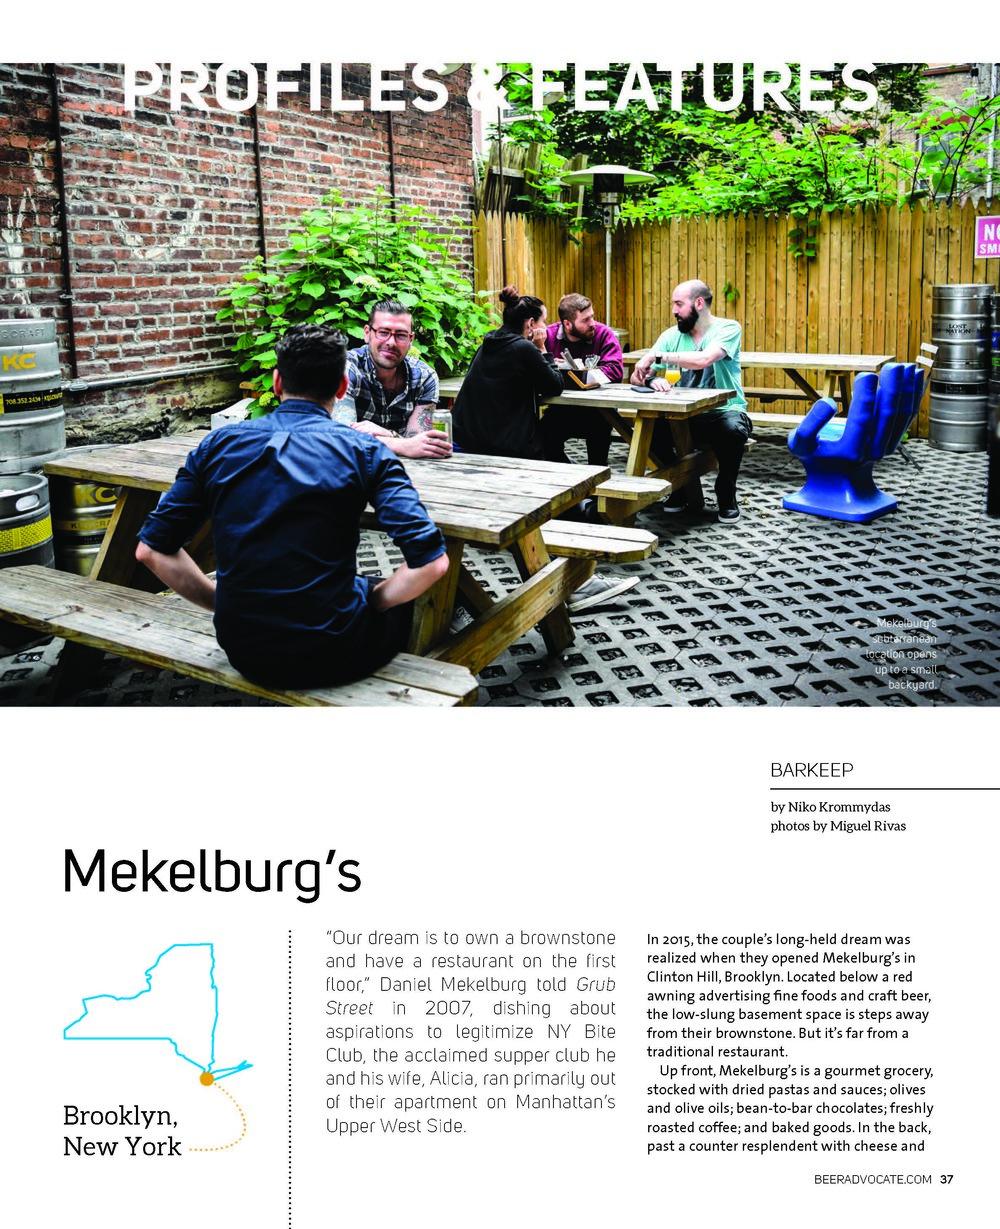 BeerAdvocate_126_Mekelburgs_Page_1.jpg